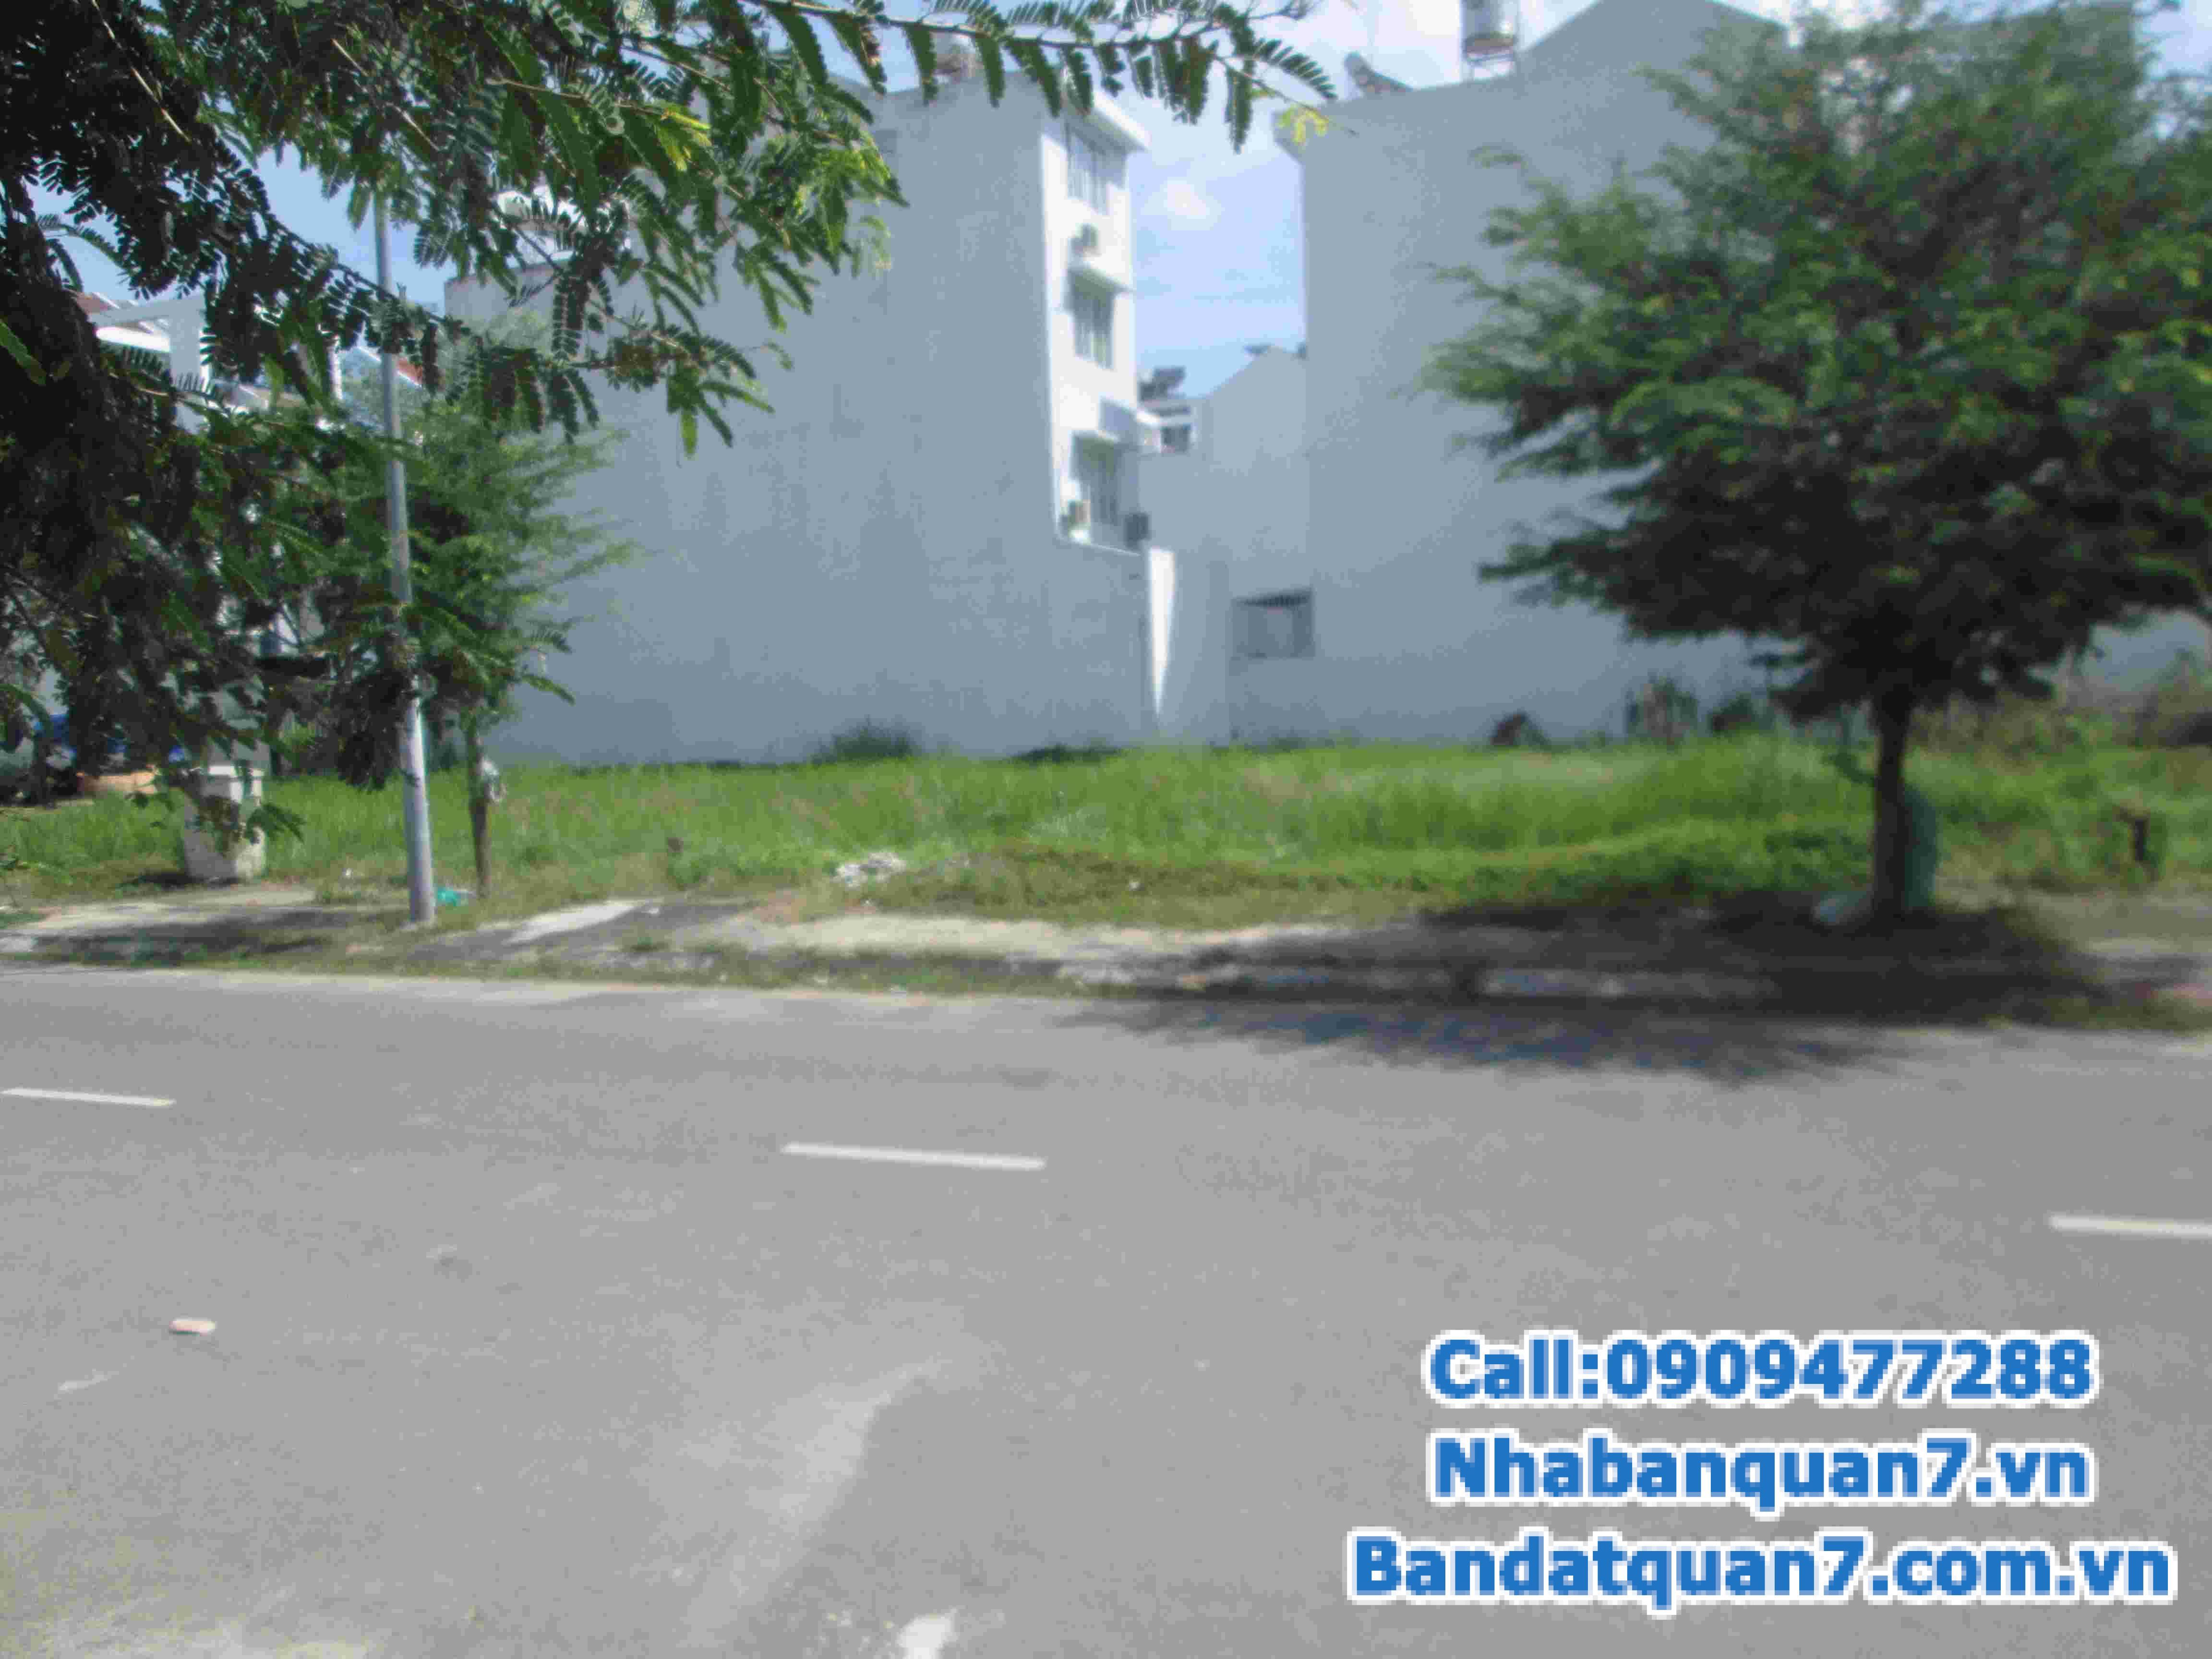 Bán đất mặt tiền đường 73 cắt Nguyễn Thị Thập